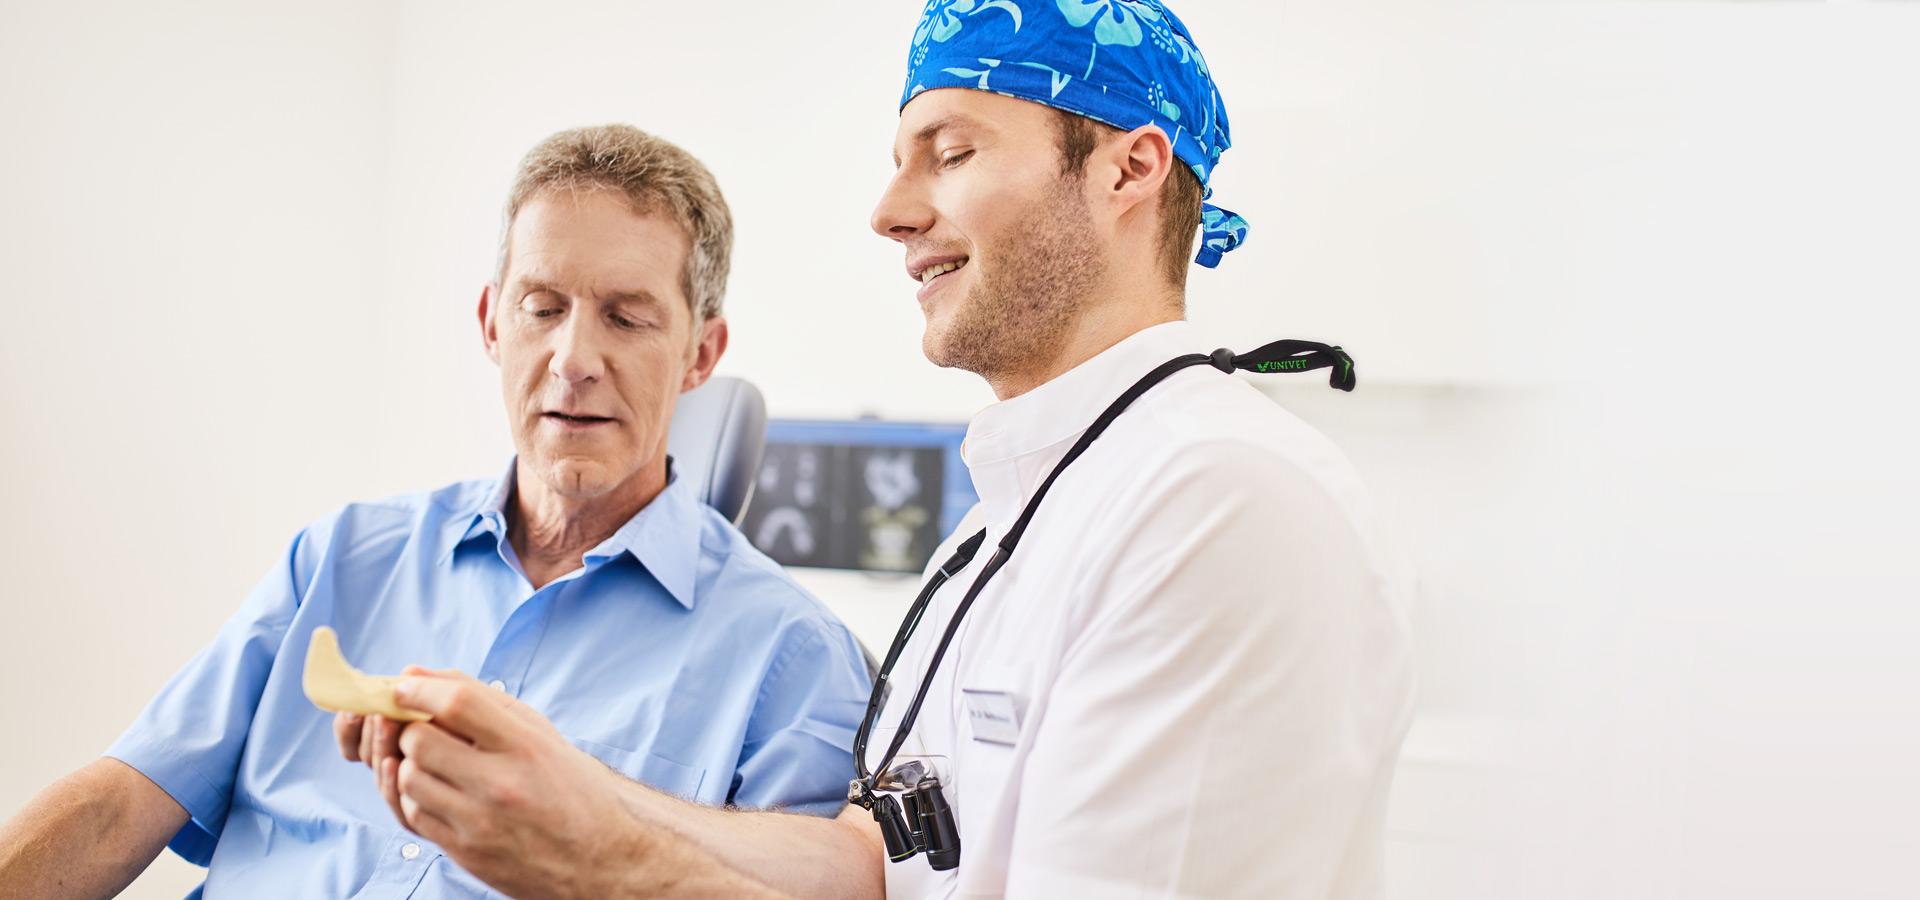 Zahnärzte Neubulach - Zahnersatz, Prothetik 1